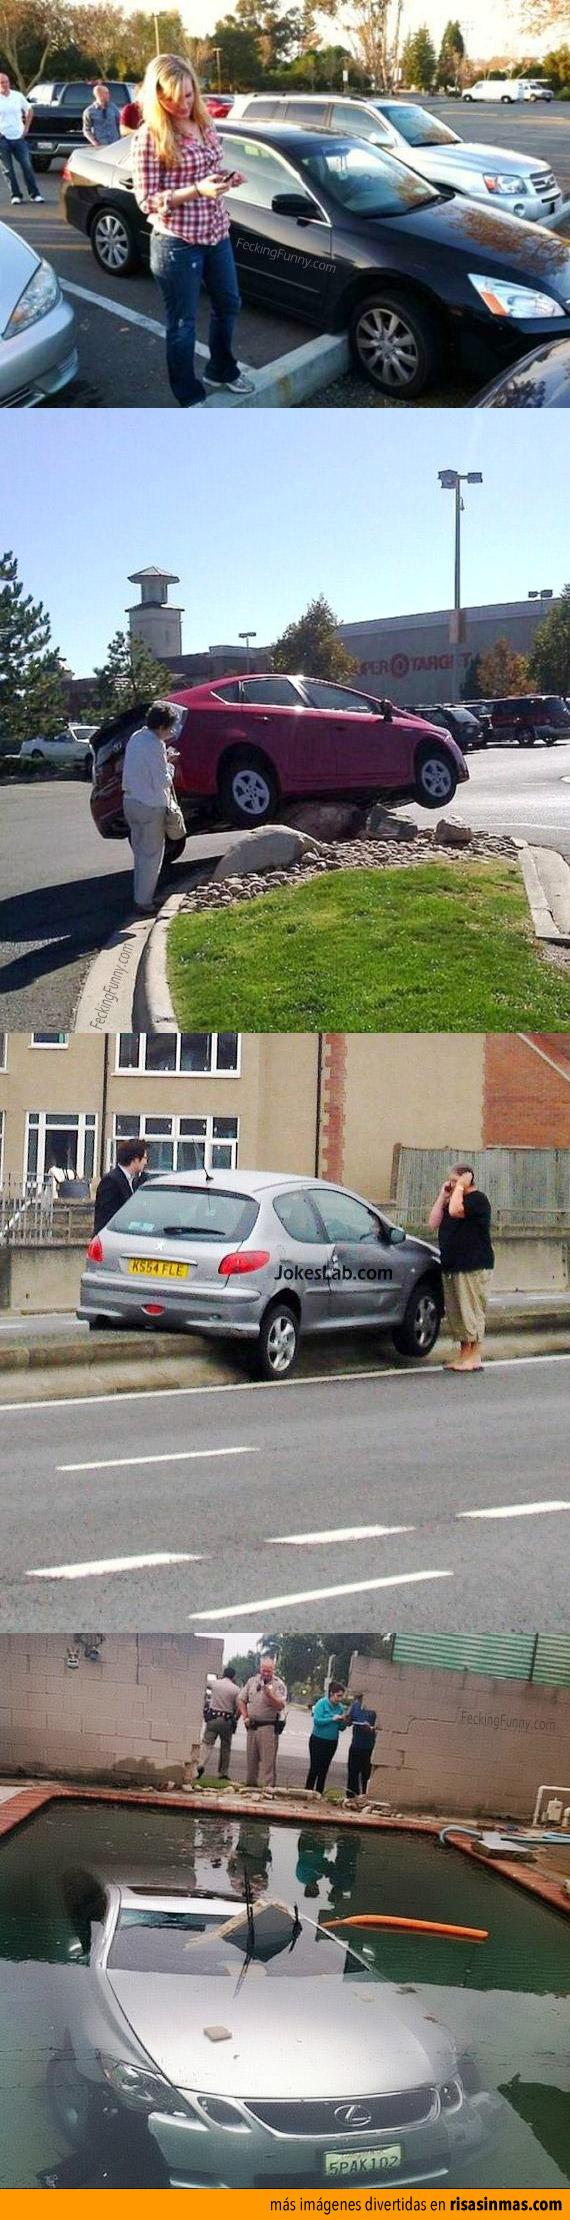 Mujeres aparcando